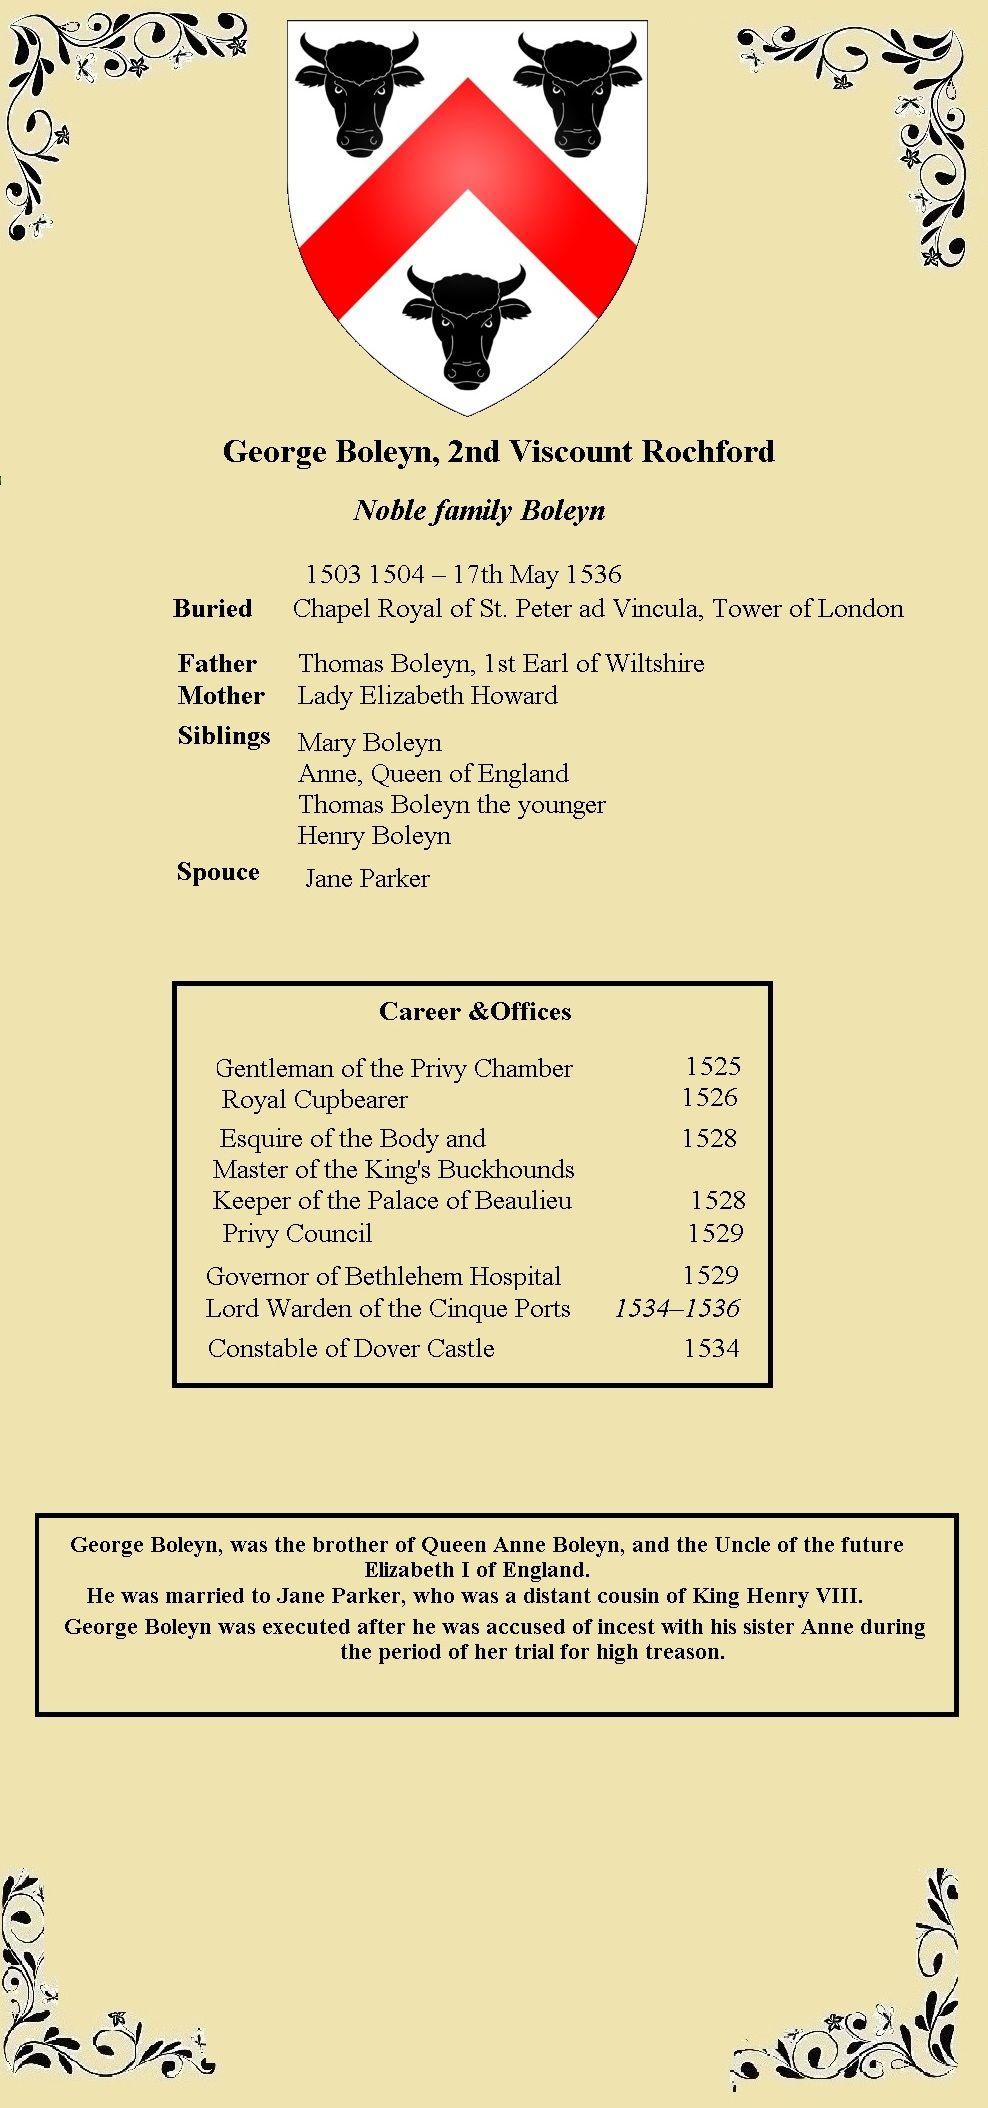 George Boleyn, Viscount Rochford